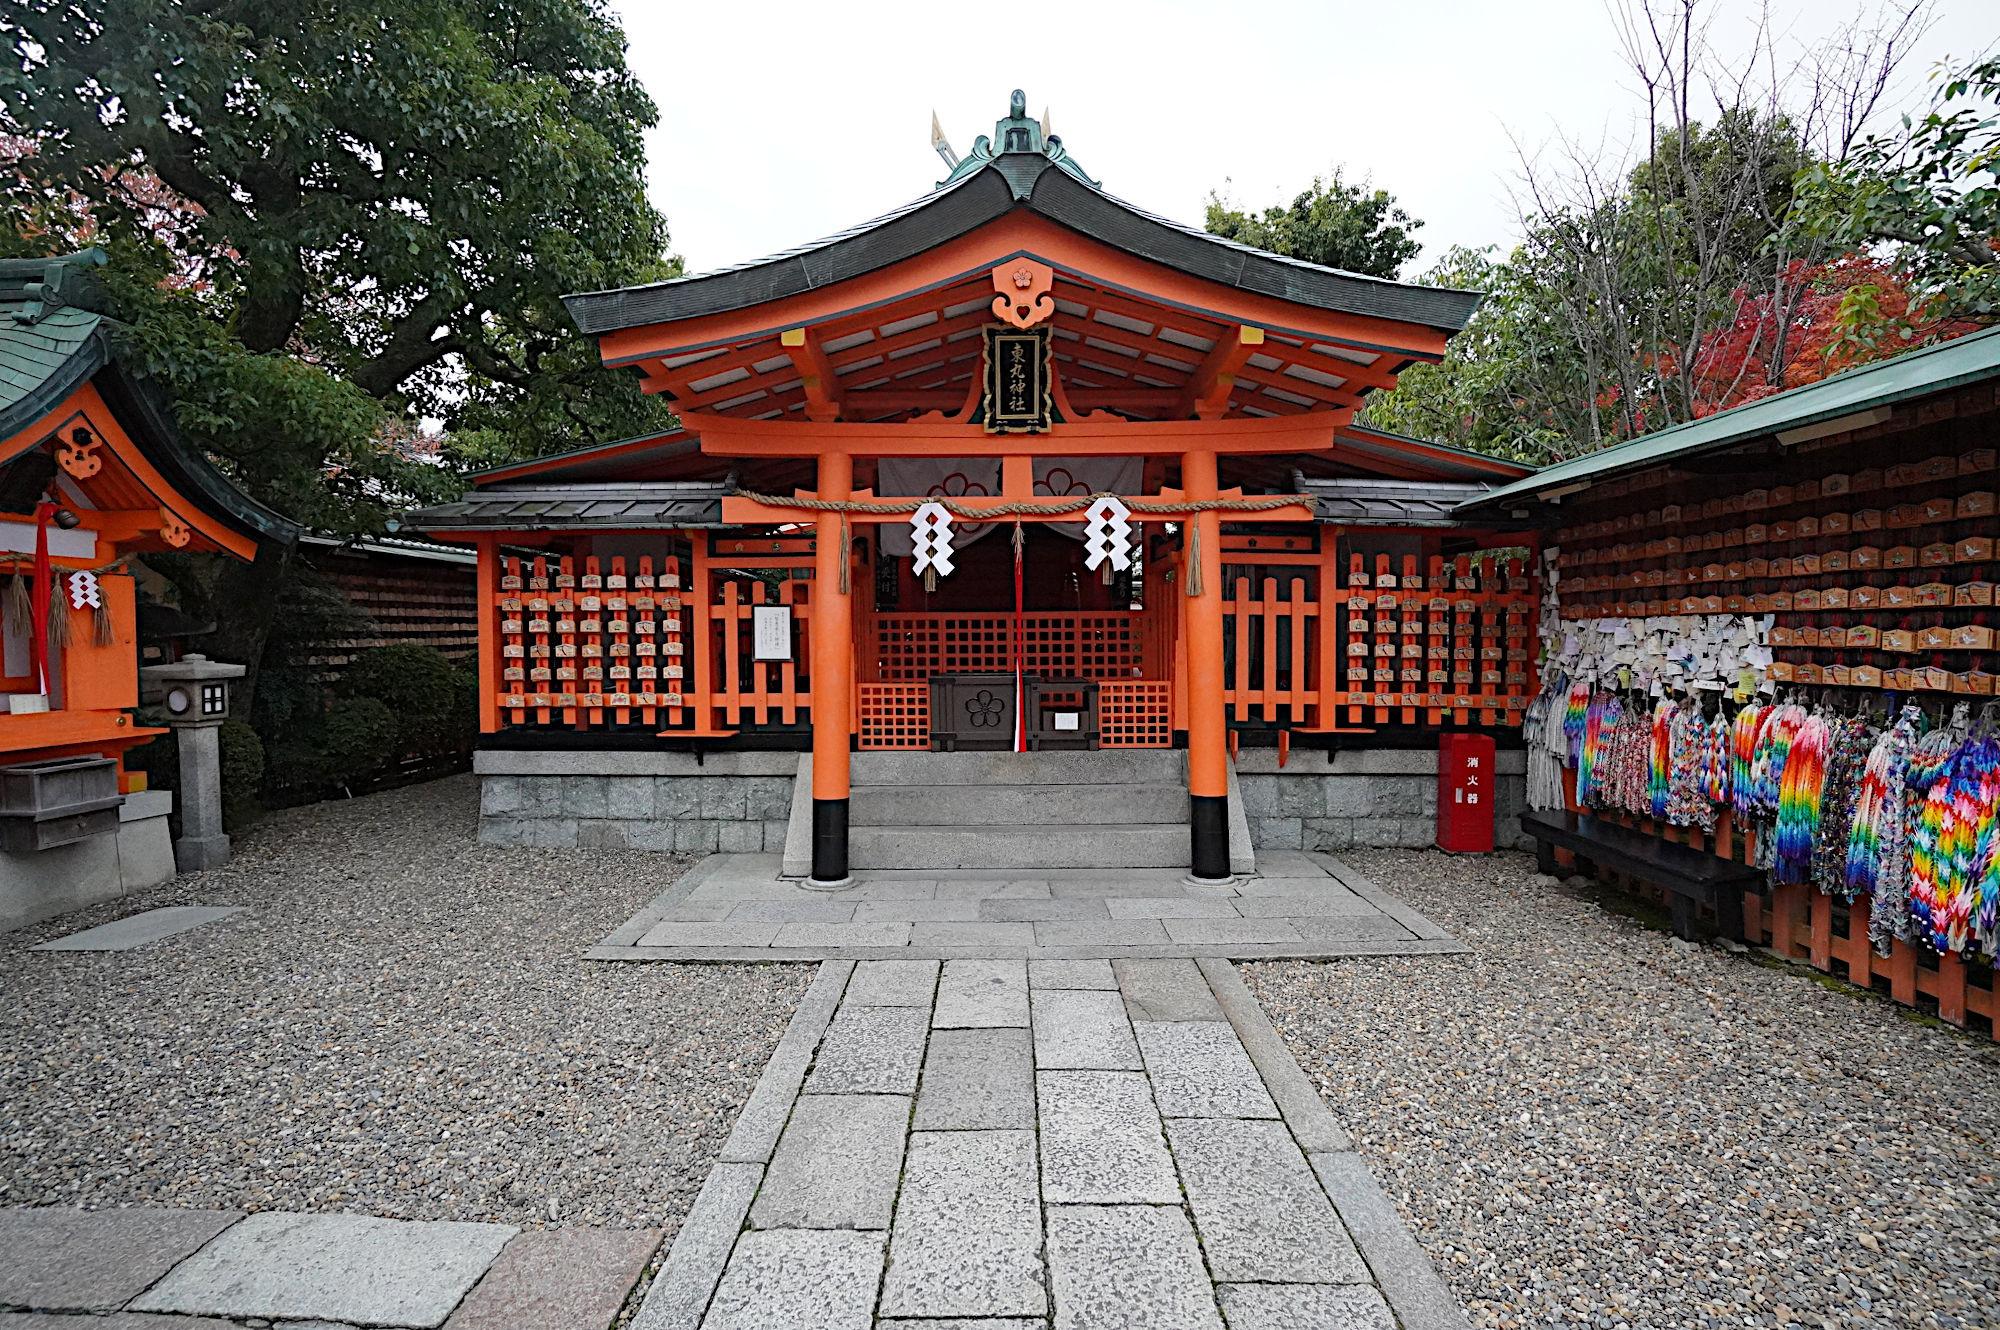 【伏見稲荷大社】東丸神社の拝殿